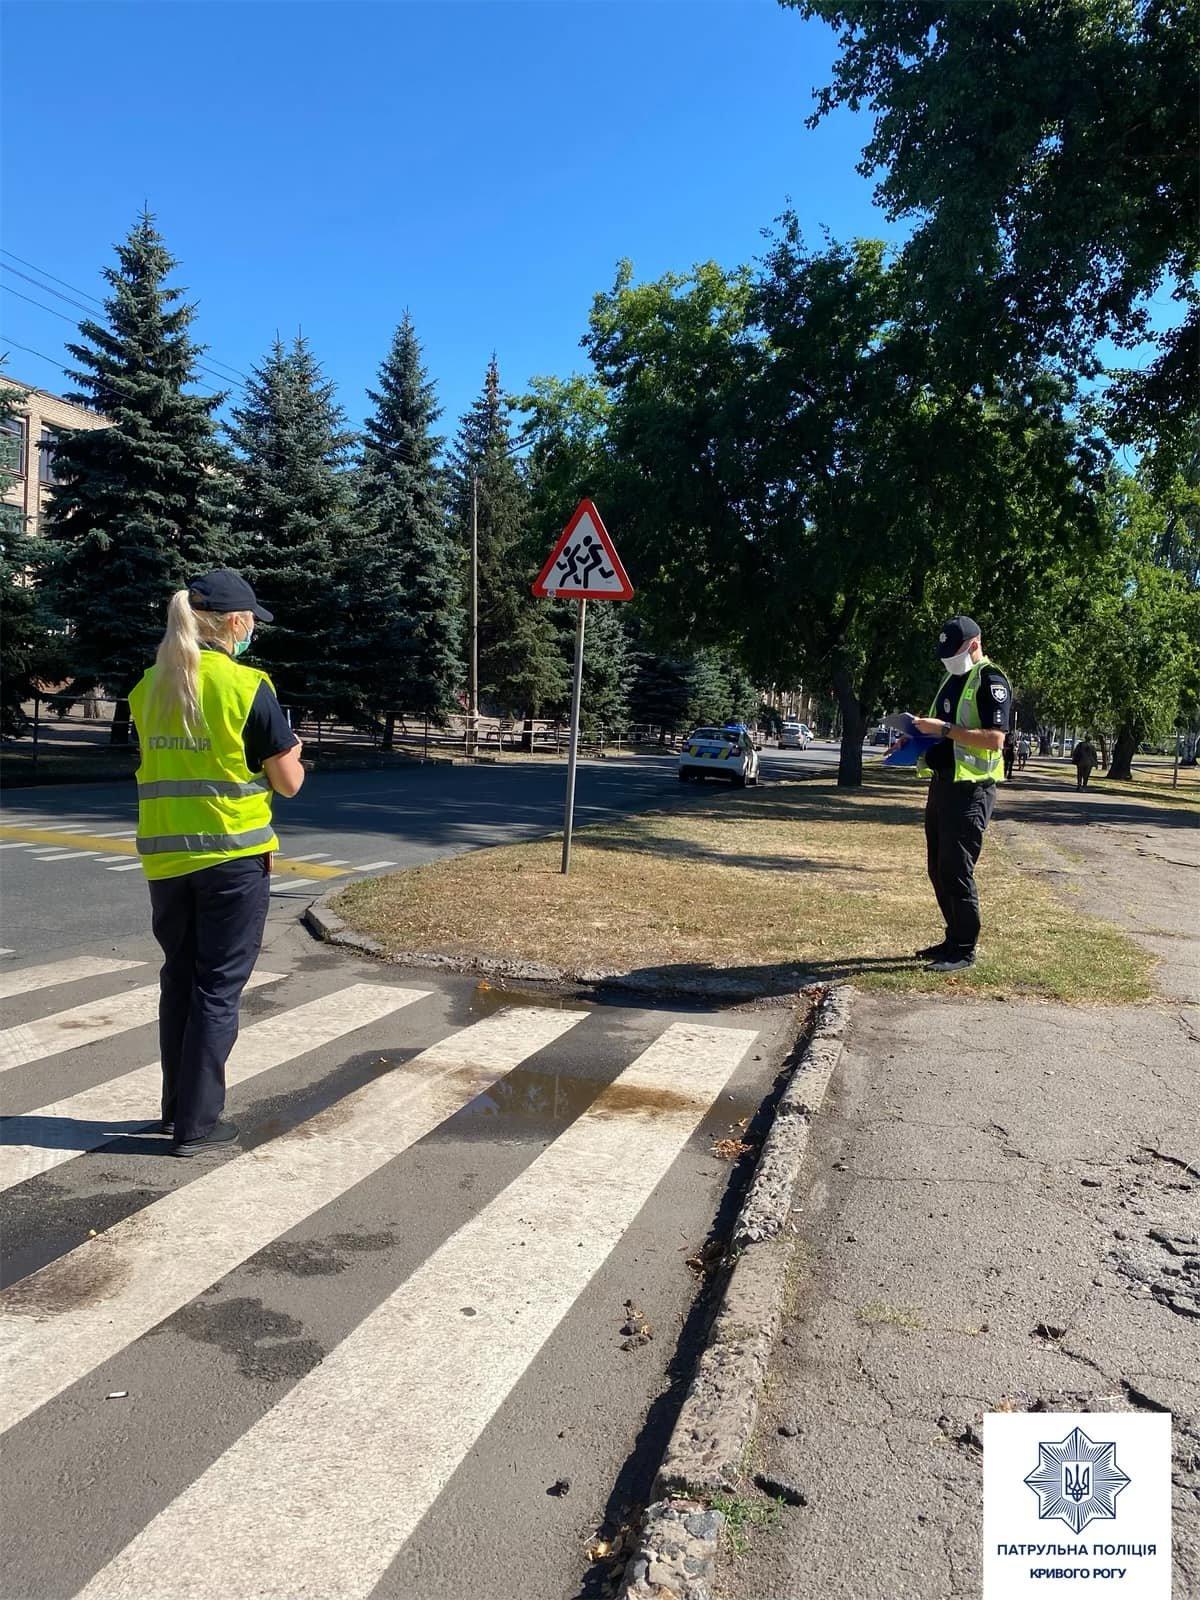 Патрульные обследуют улично-дорожную сеть возле учебных заведений Кривого Рога, - ФОТО, фото-4